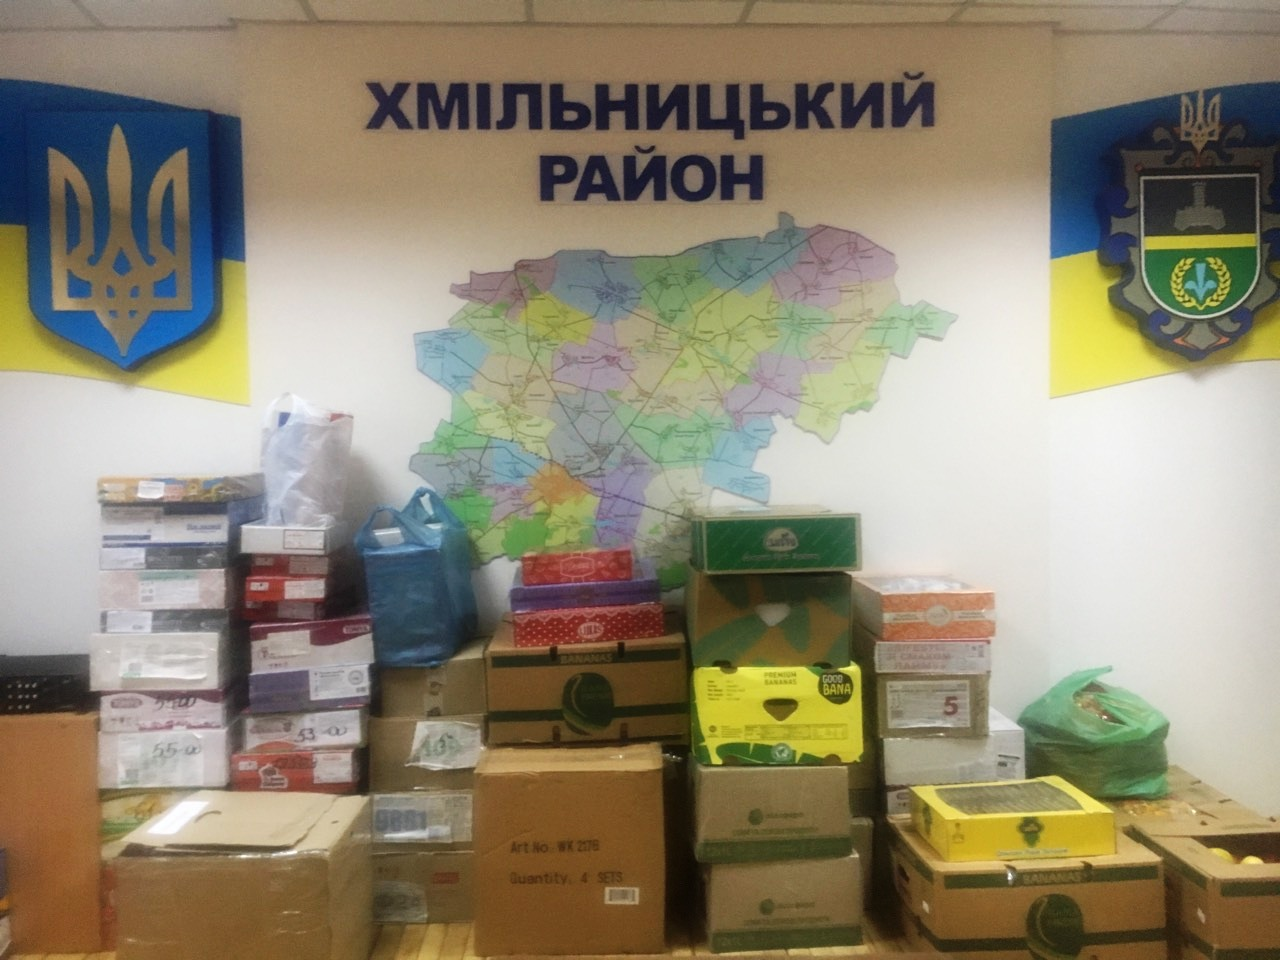 Понад 400 кг. гуманітарної допомоги українським військовим зібрали хмільничани